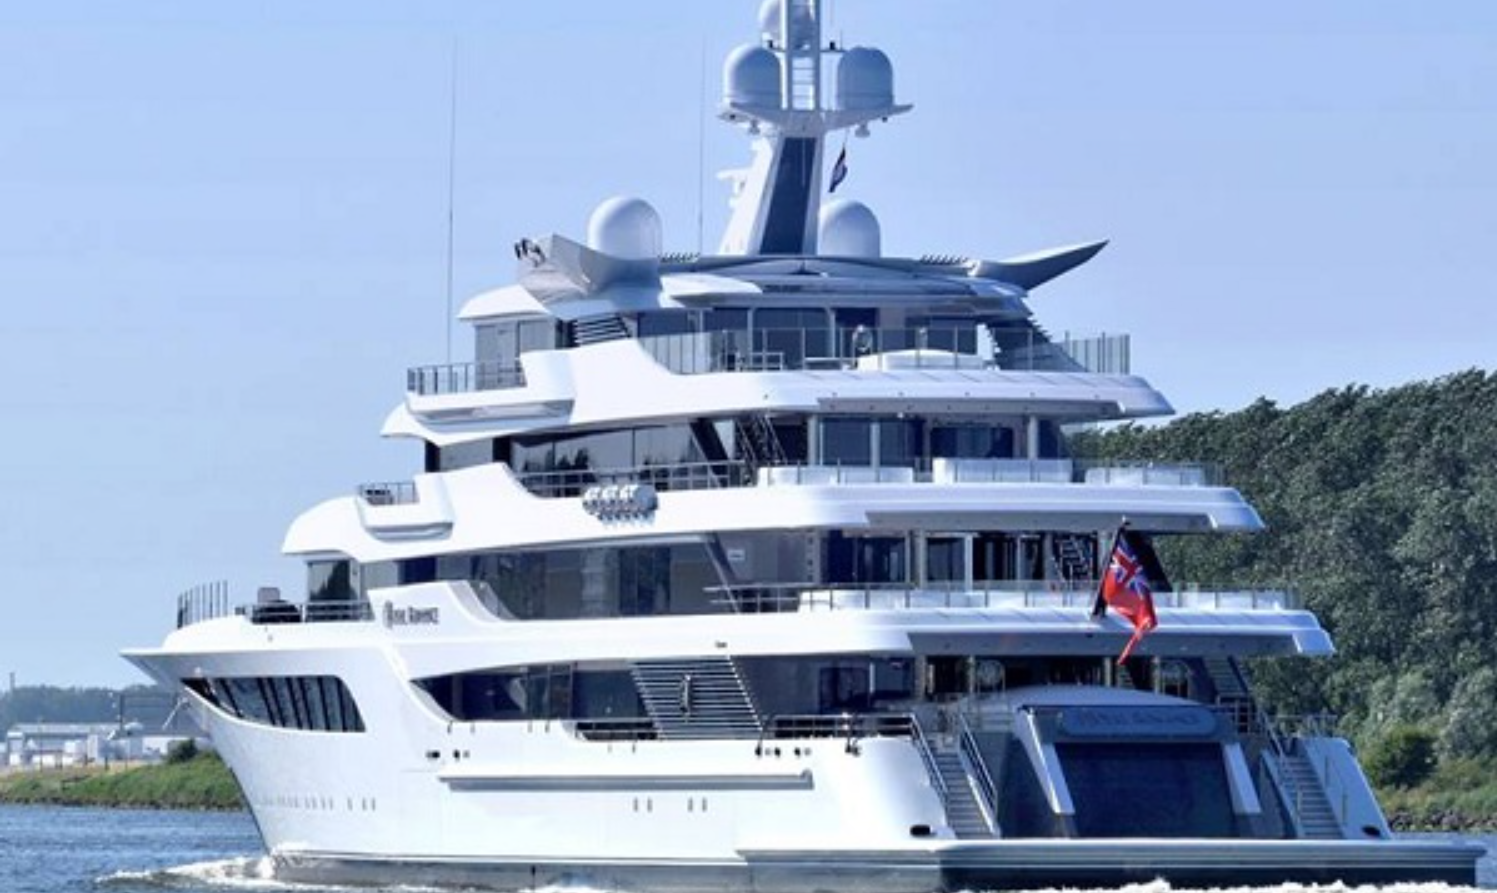 Яхта Royal Romance Виктора Медведчука оценивается в 200 миллионов долларов